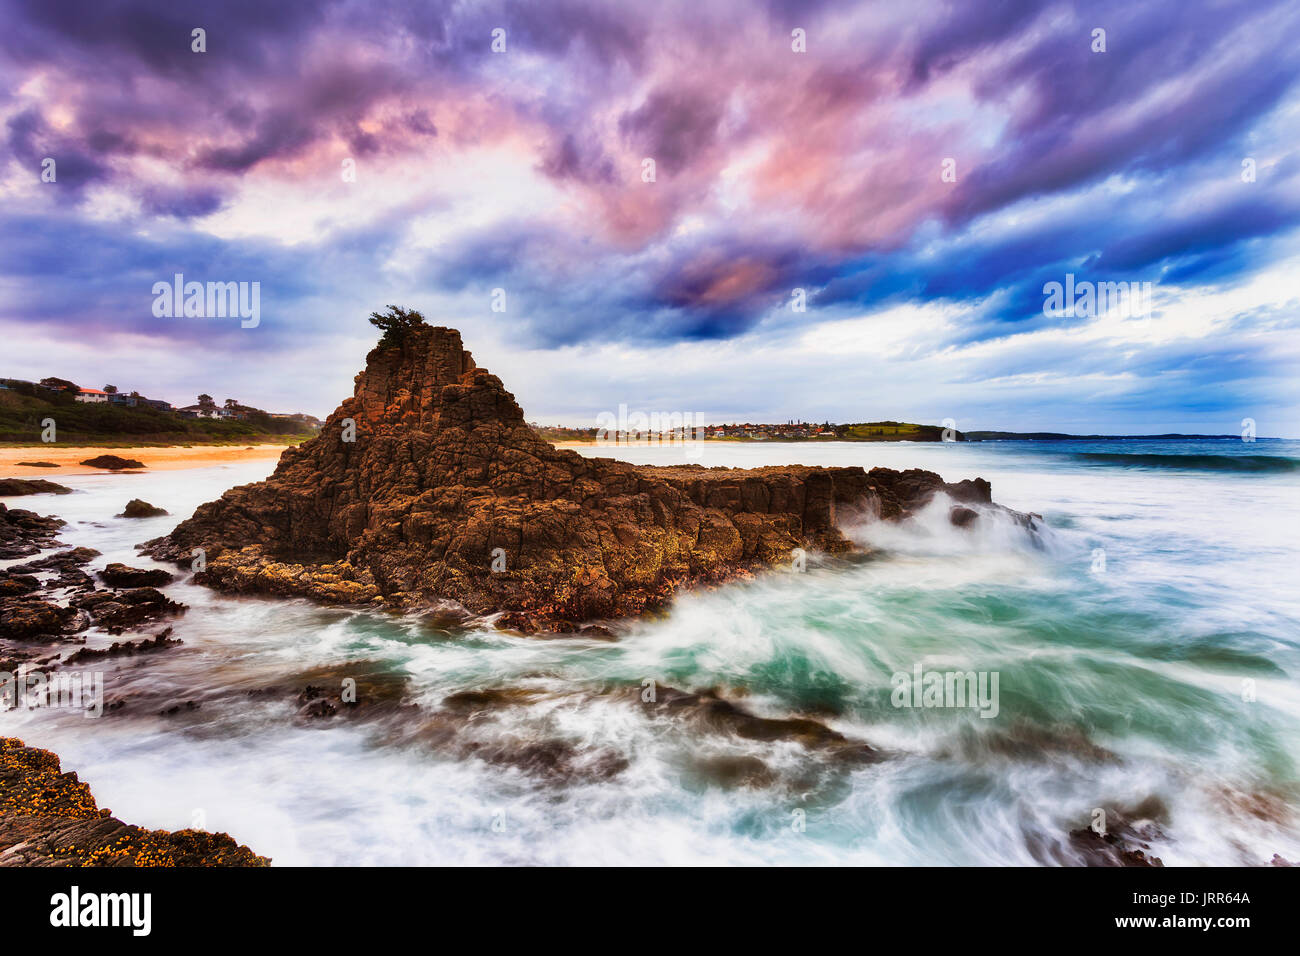 Robuste freistehende felsigen Klippen aus Kiama Bombo Strand an der Pazifikküste von Australien bei Sonnenuntergang mit stürmischem Wetter erodiert. Stockbild